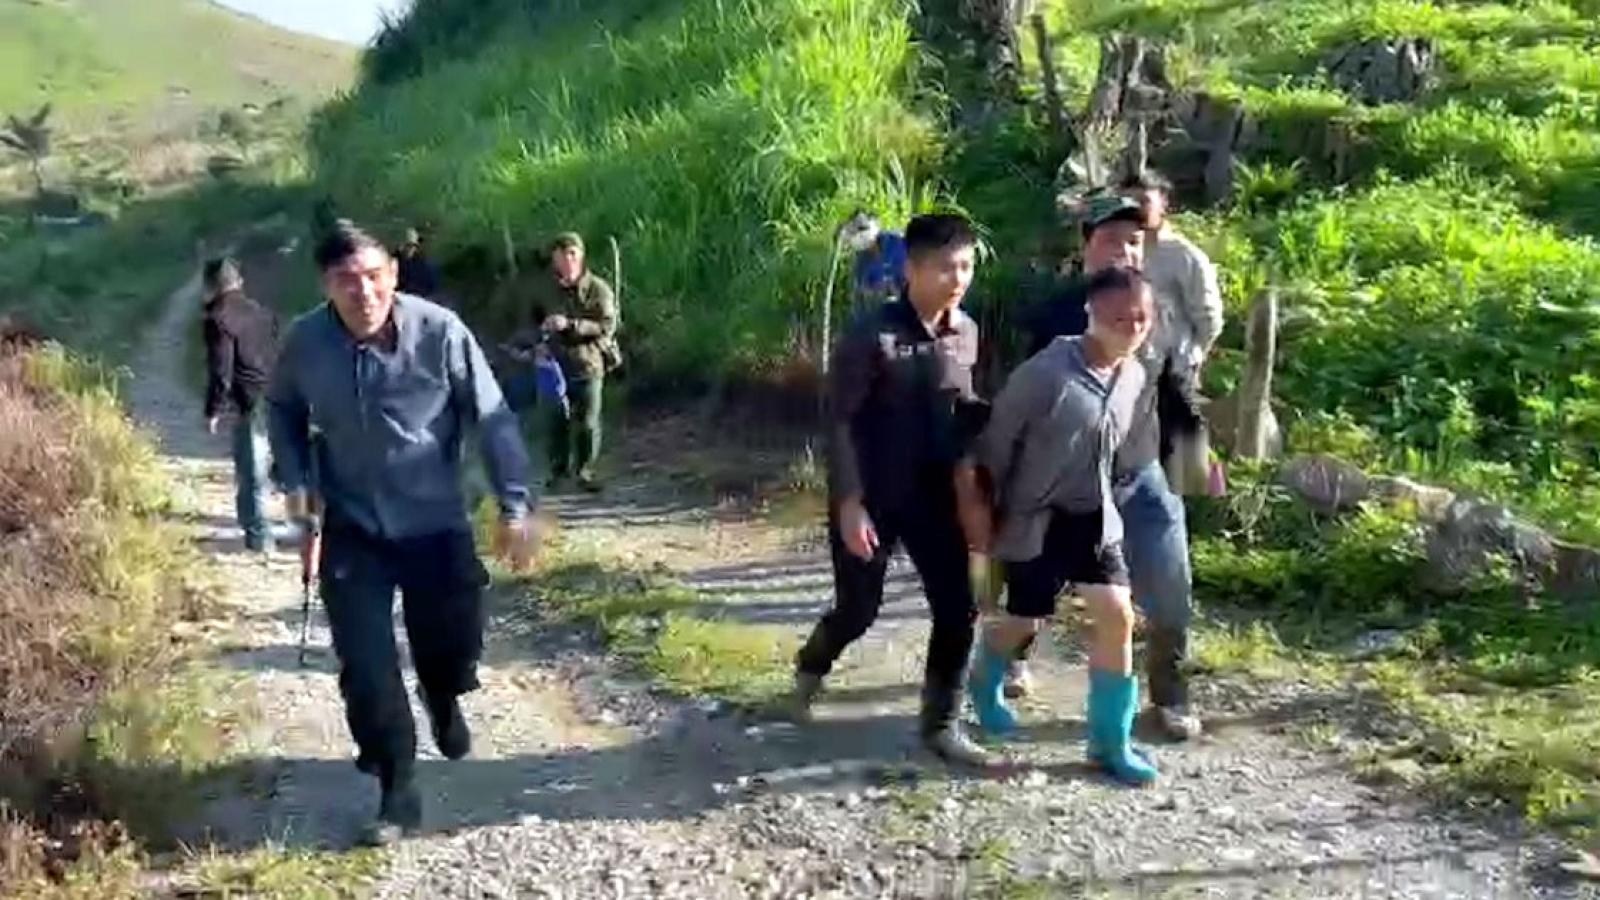 Bắt đối tượng truy nã đặc biệt nguy hiểm tại Sơn La